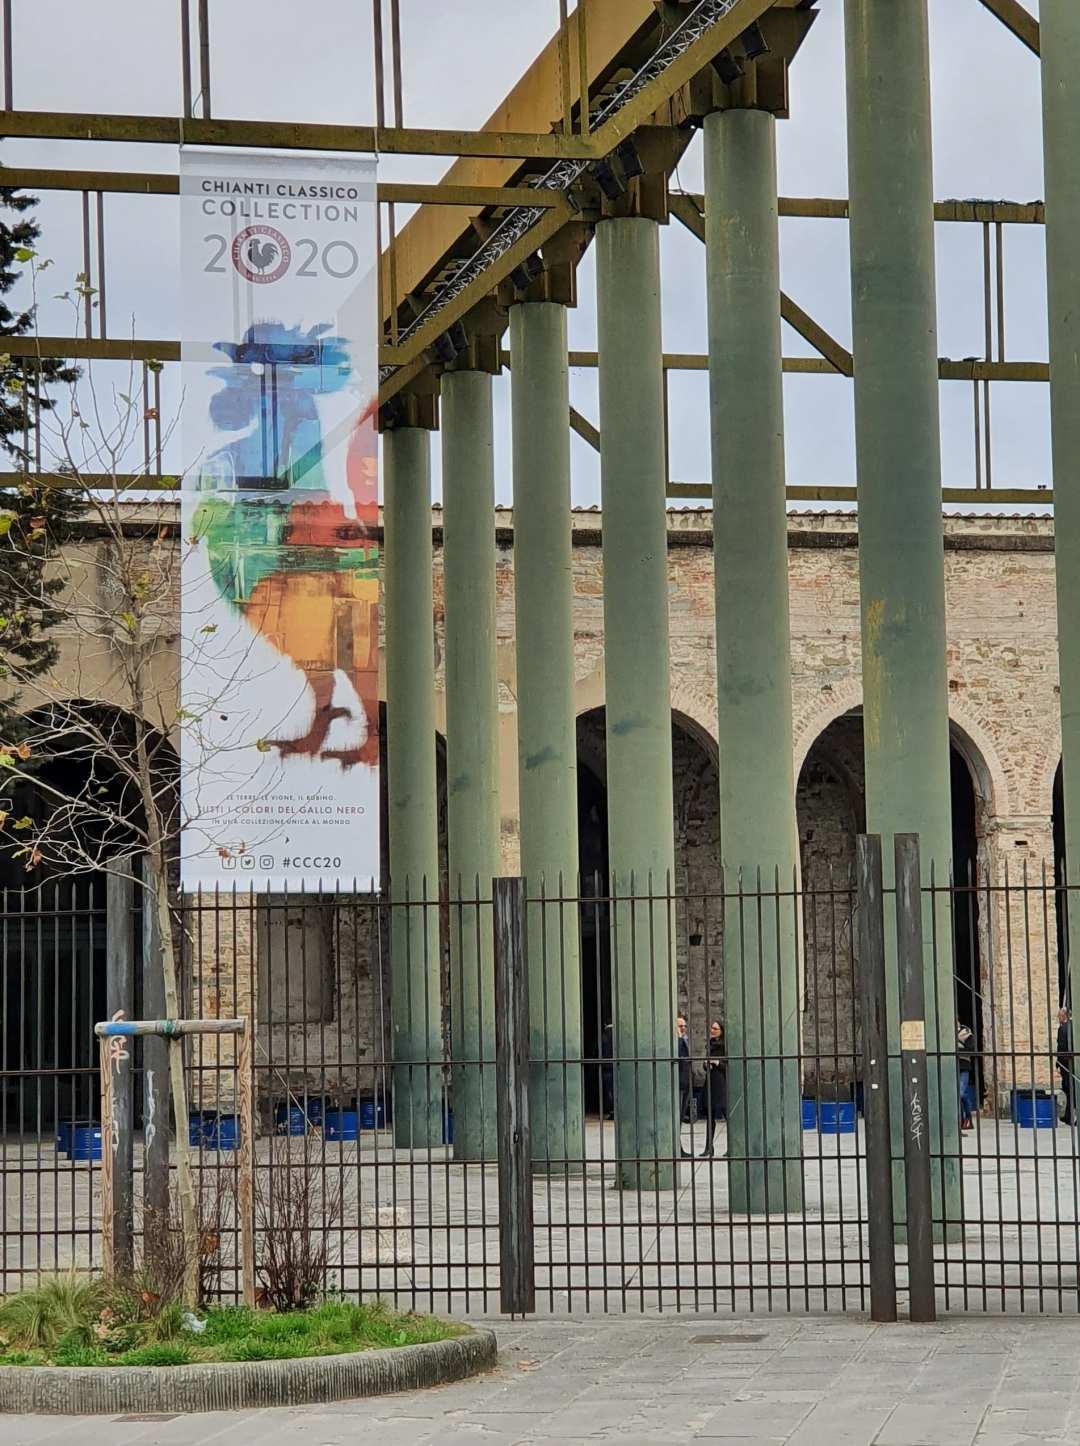 Ingresso della Stazione Leopolda di Firenze per la Chianti Classico Collection 2020